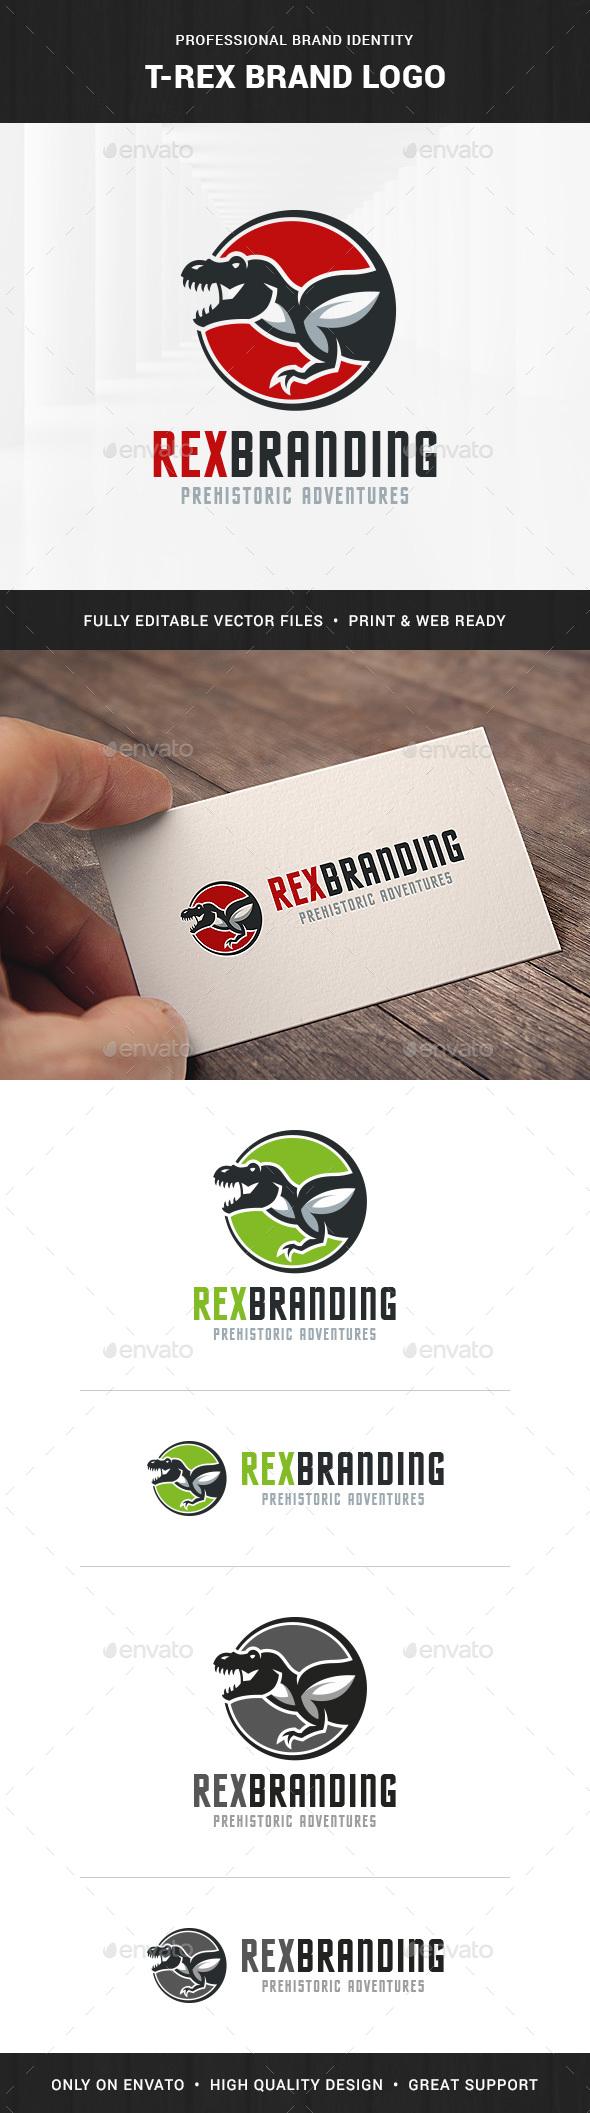 T-Rex Brand Logo Template